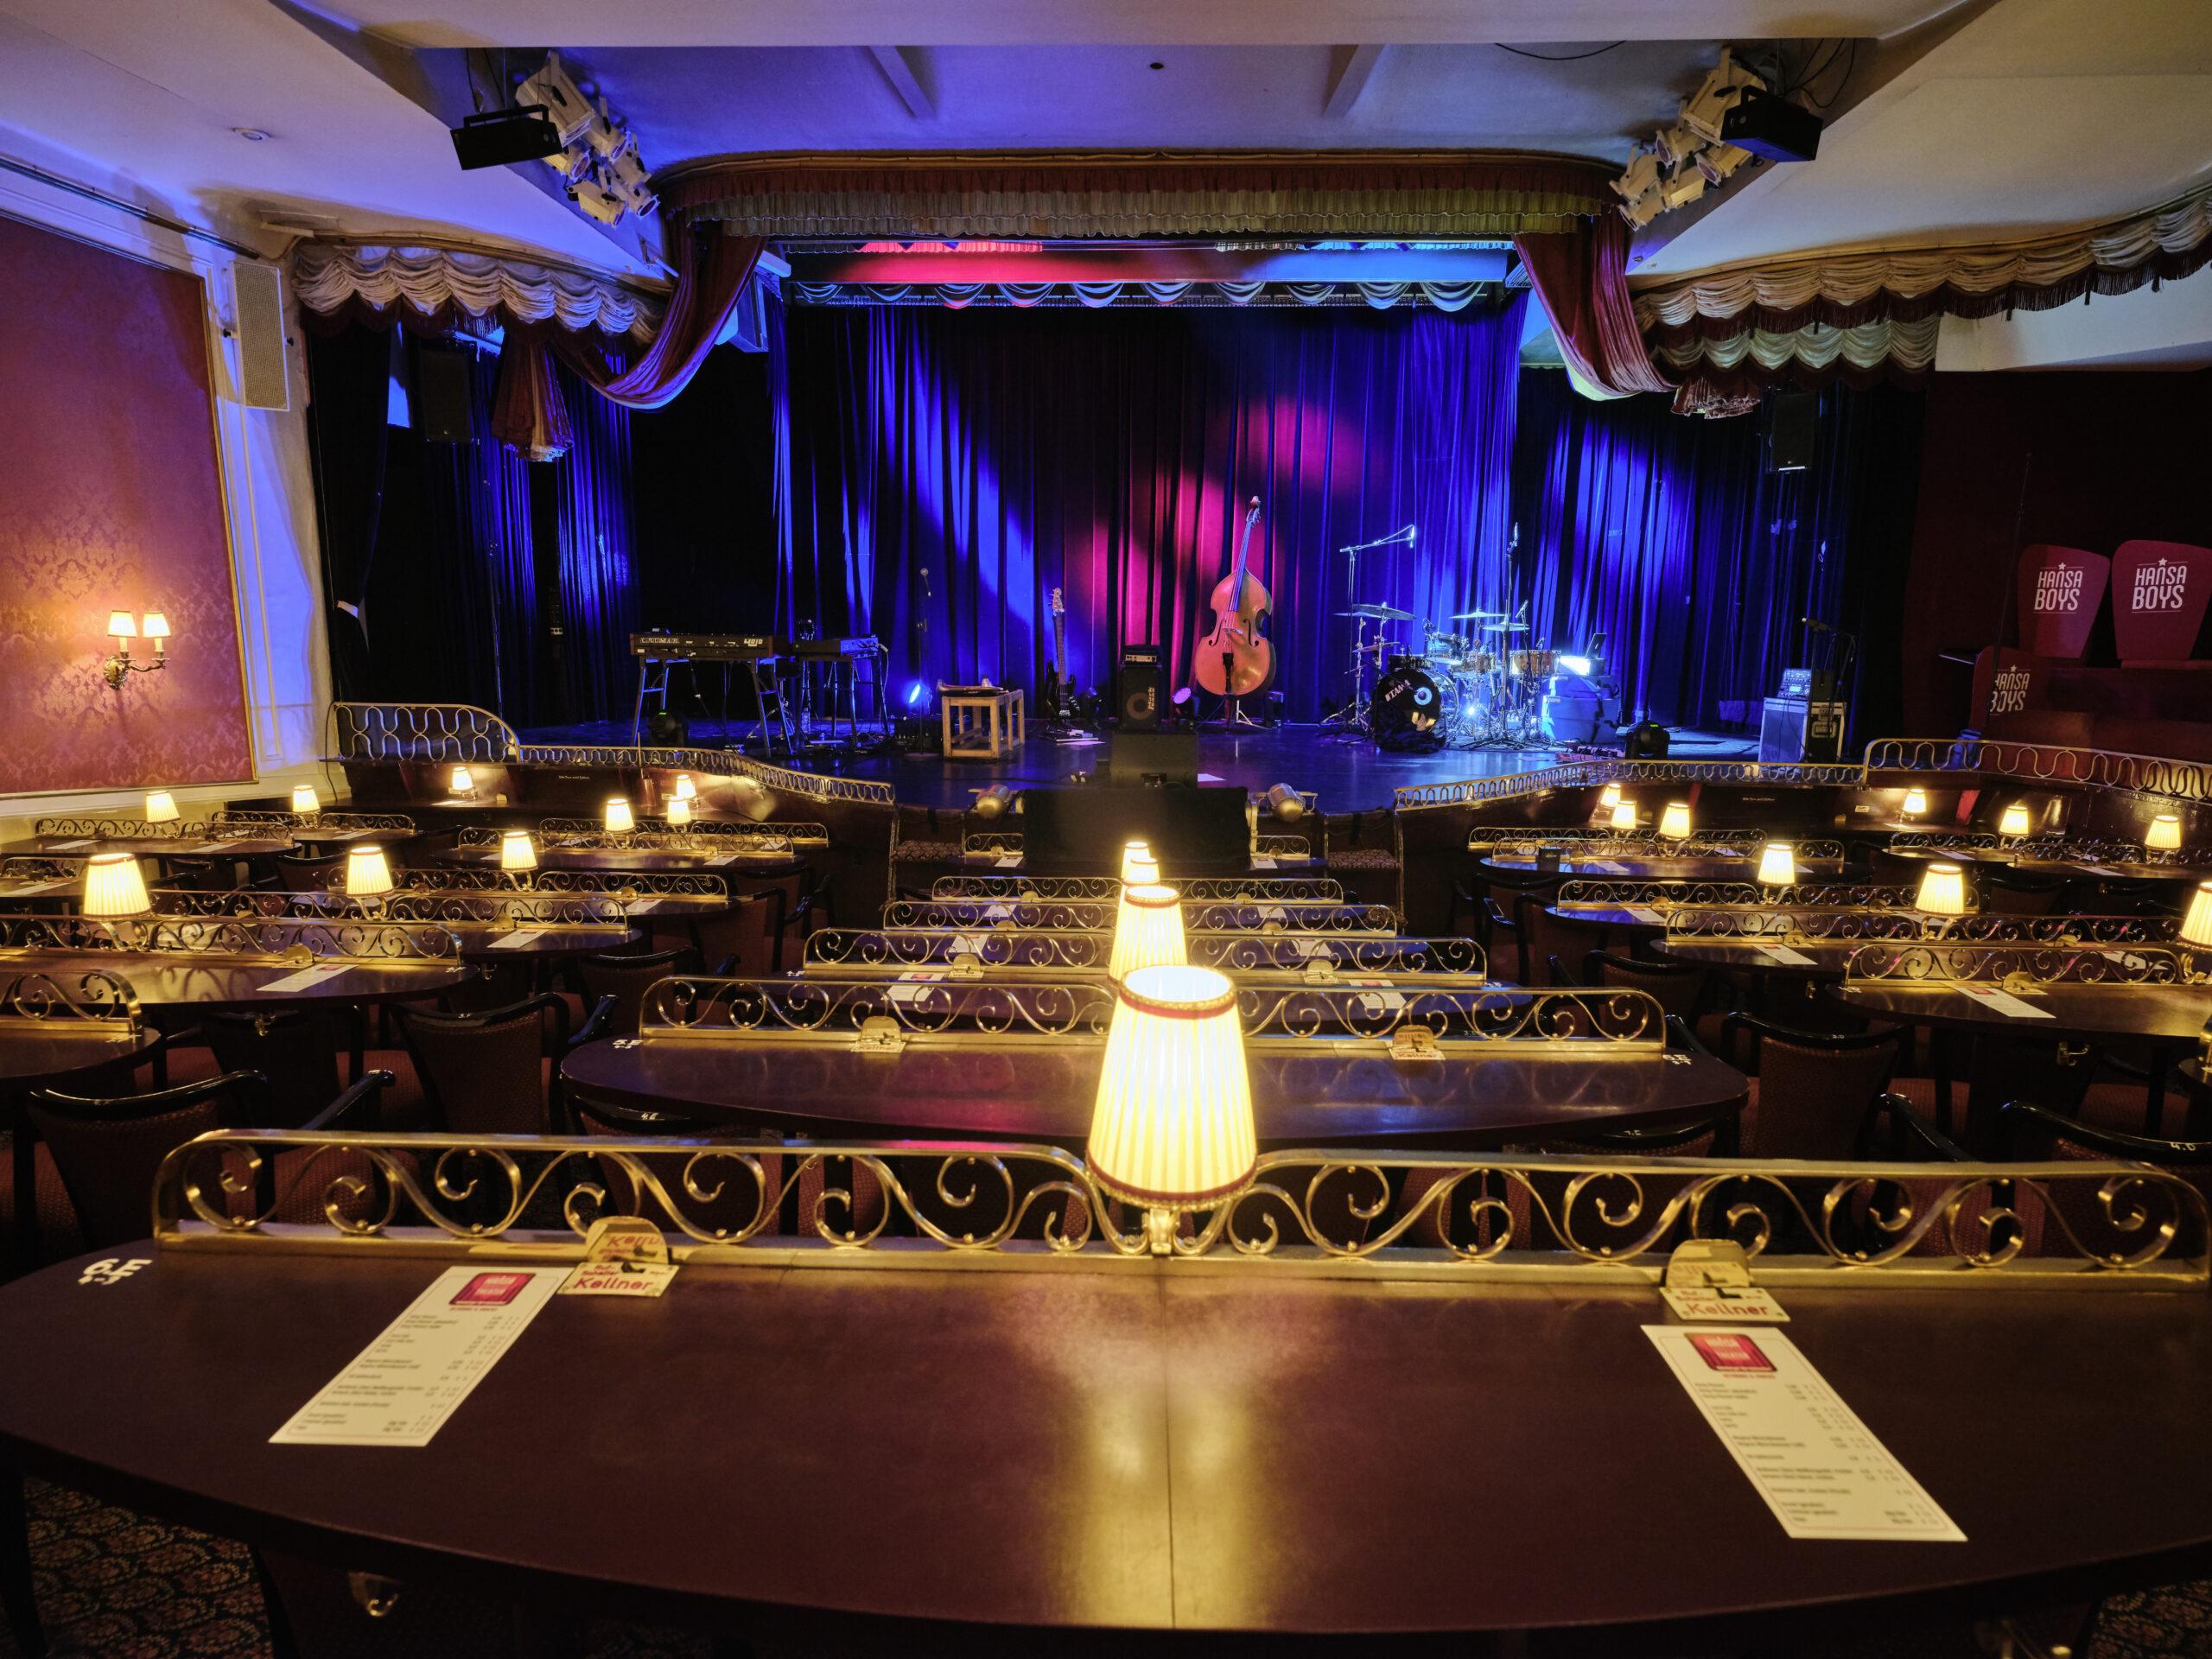 St. George Club im Hansa-Theater © Oliver Fantitsch